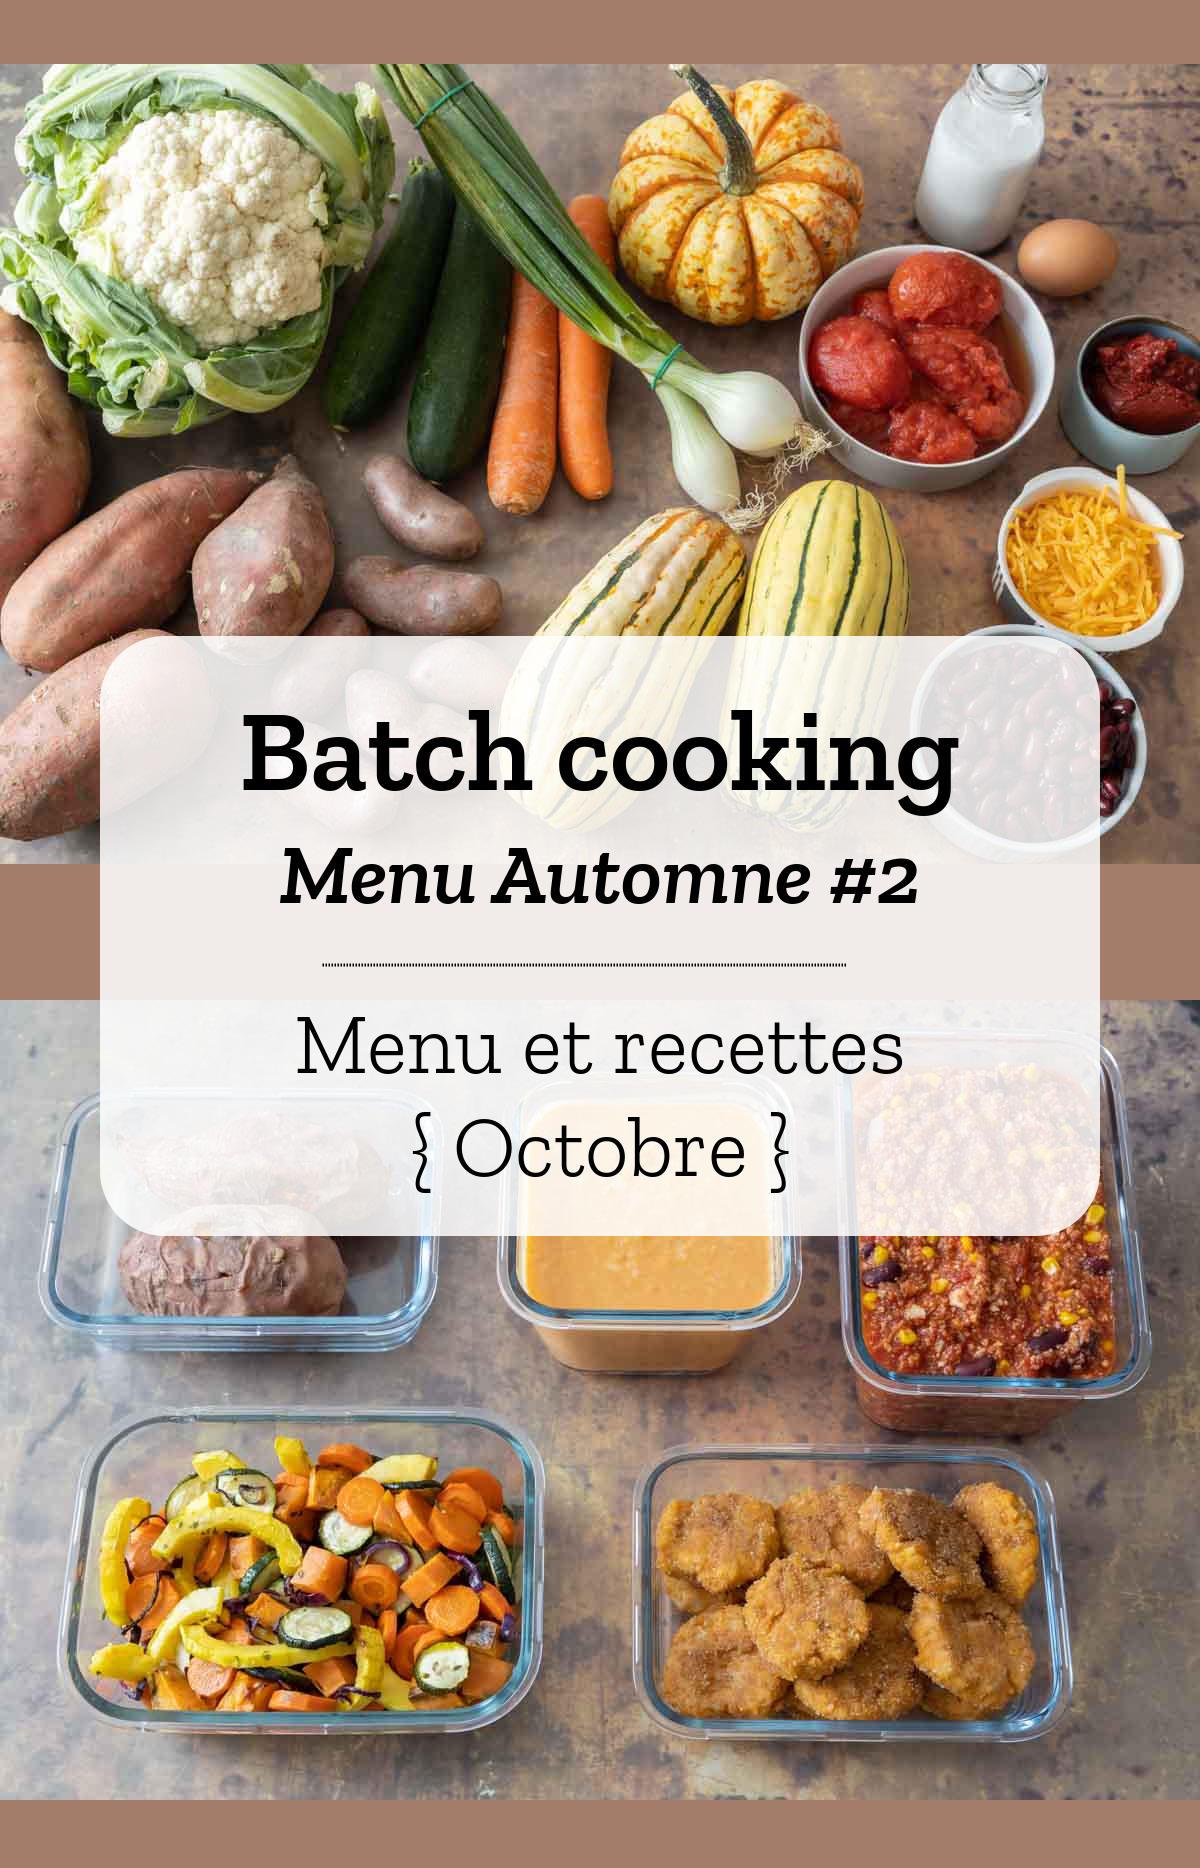 Batch cooking Automne #2 - Mois d\'Octobre - Semaine 40